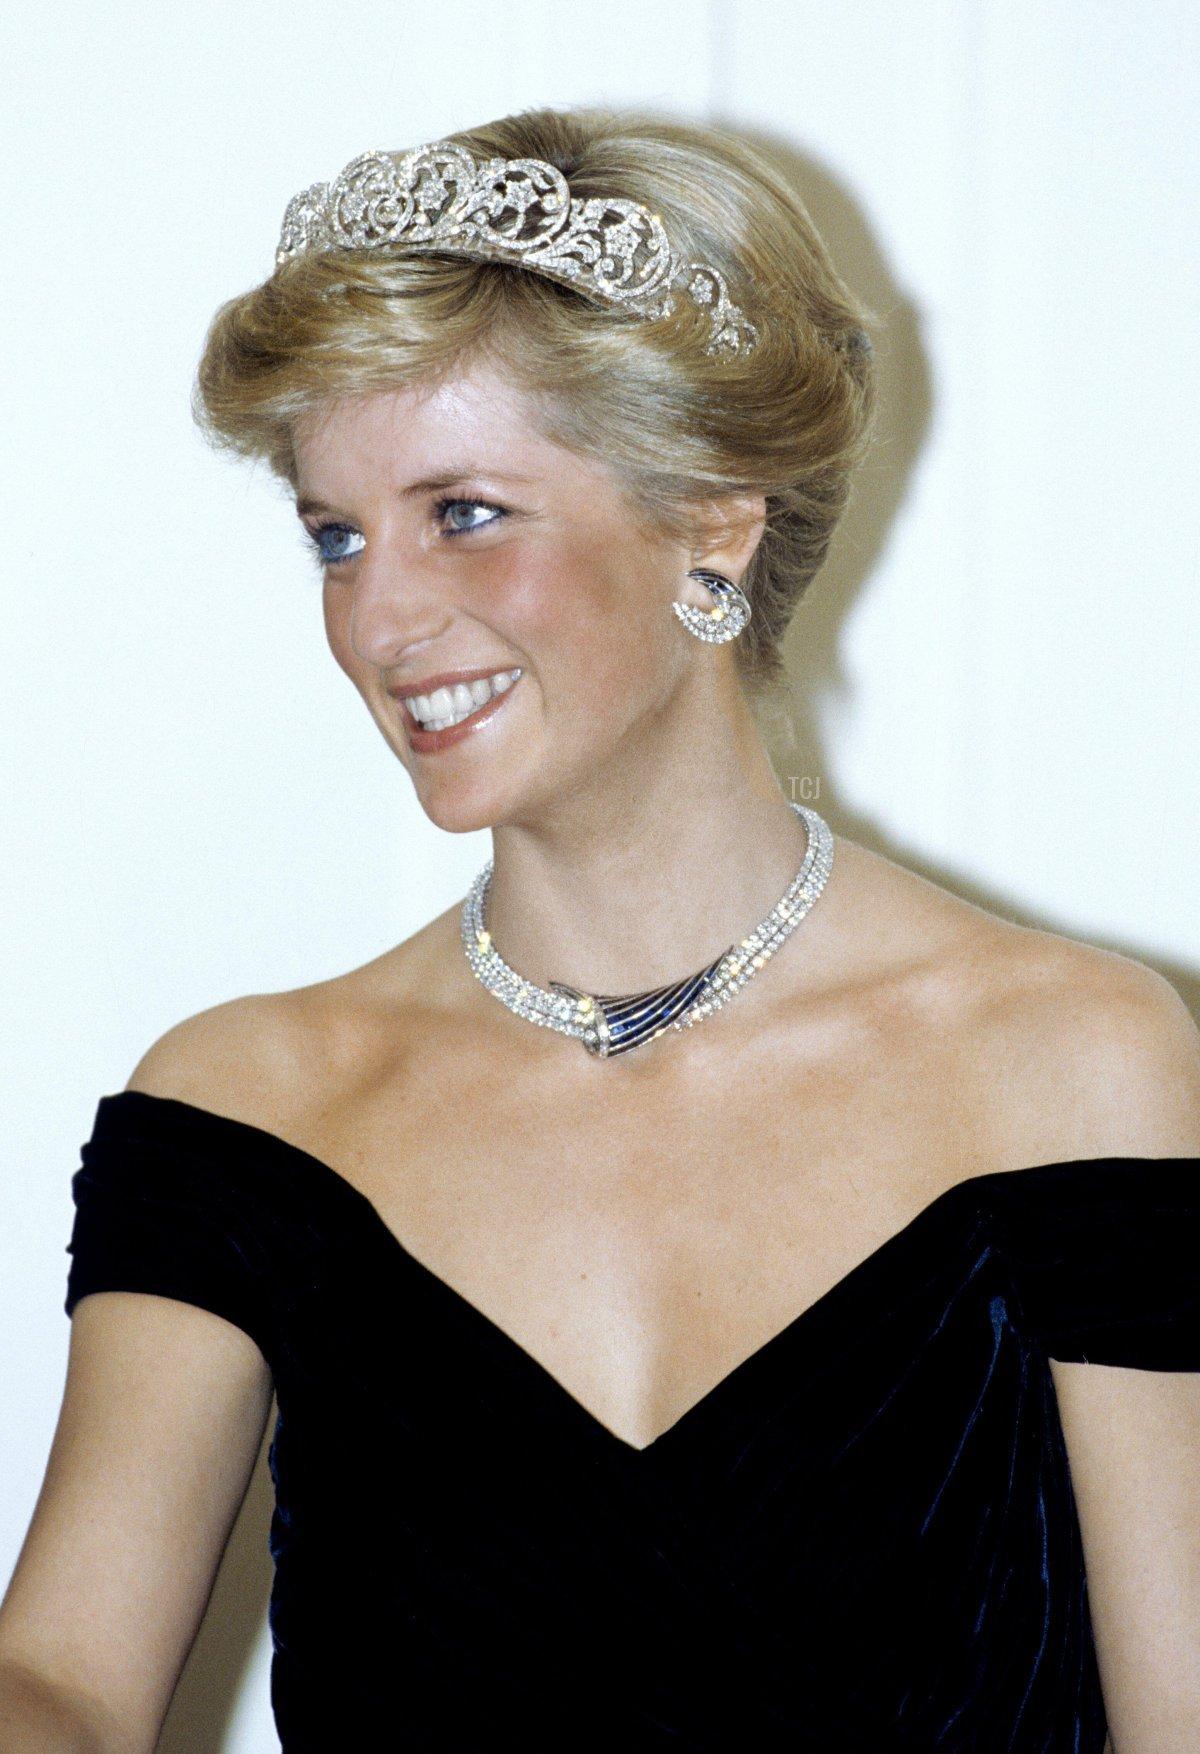 Prince and Princess of Wales visiting Germany, November 1987